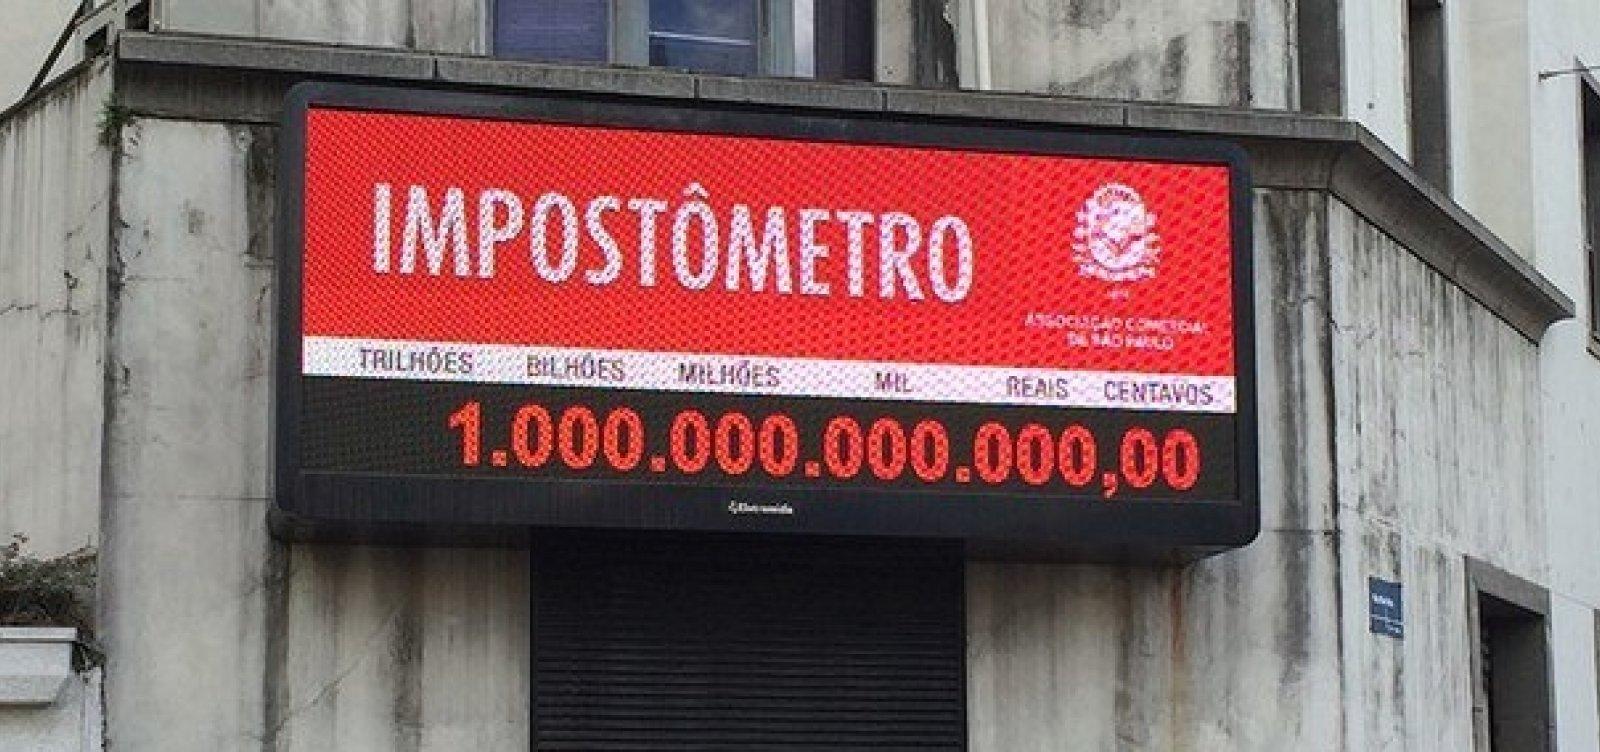 Brasileiros já pagaram R$ 1 trilhão em impostos desde o início do ano